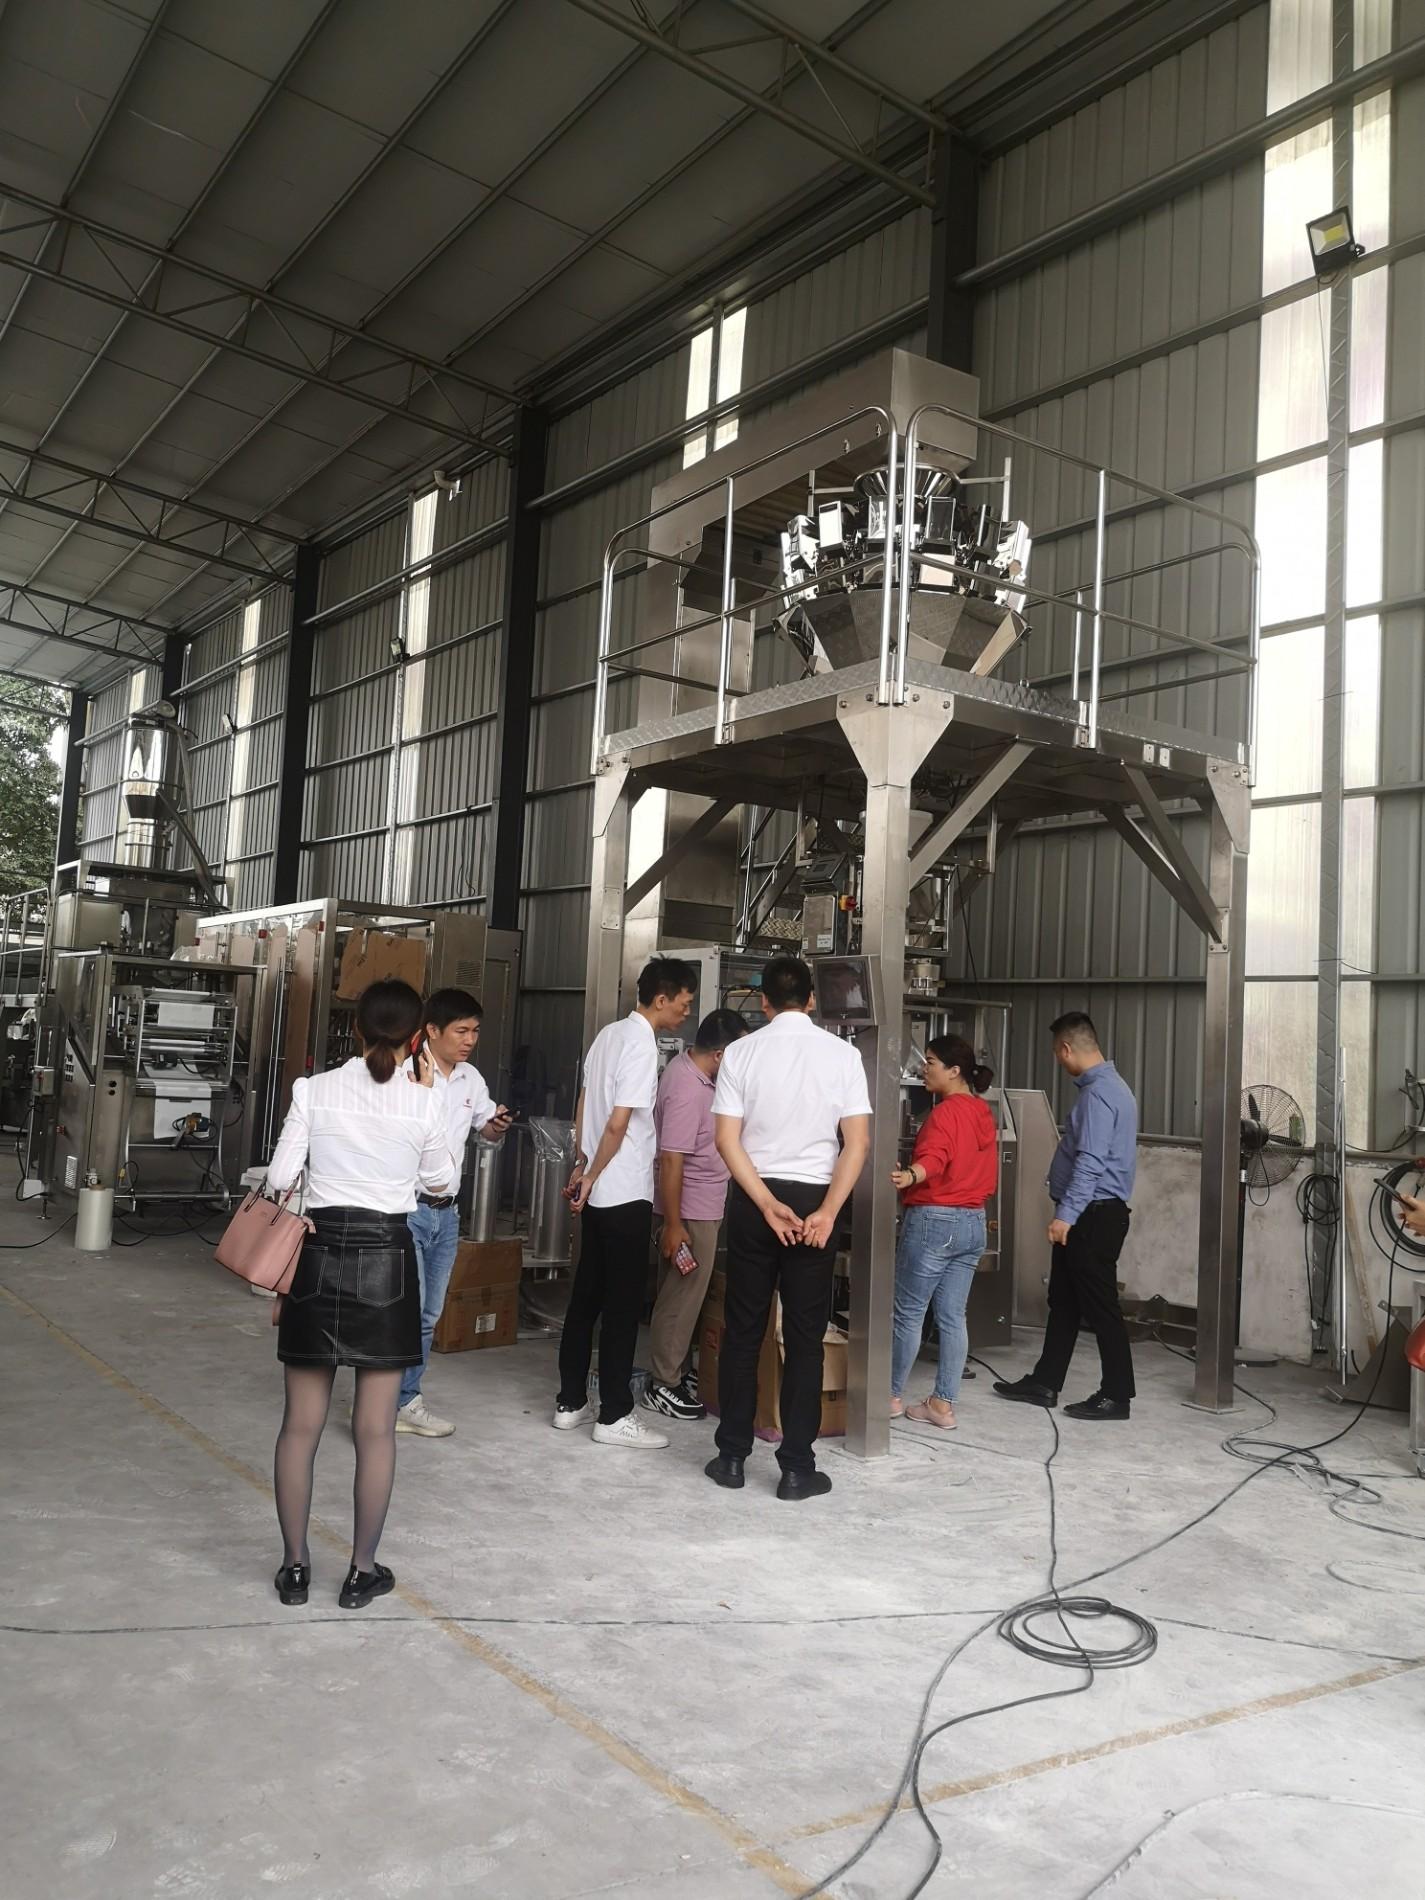 Les clients visitent l'usine de machines d'emballage BAOPACK